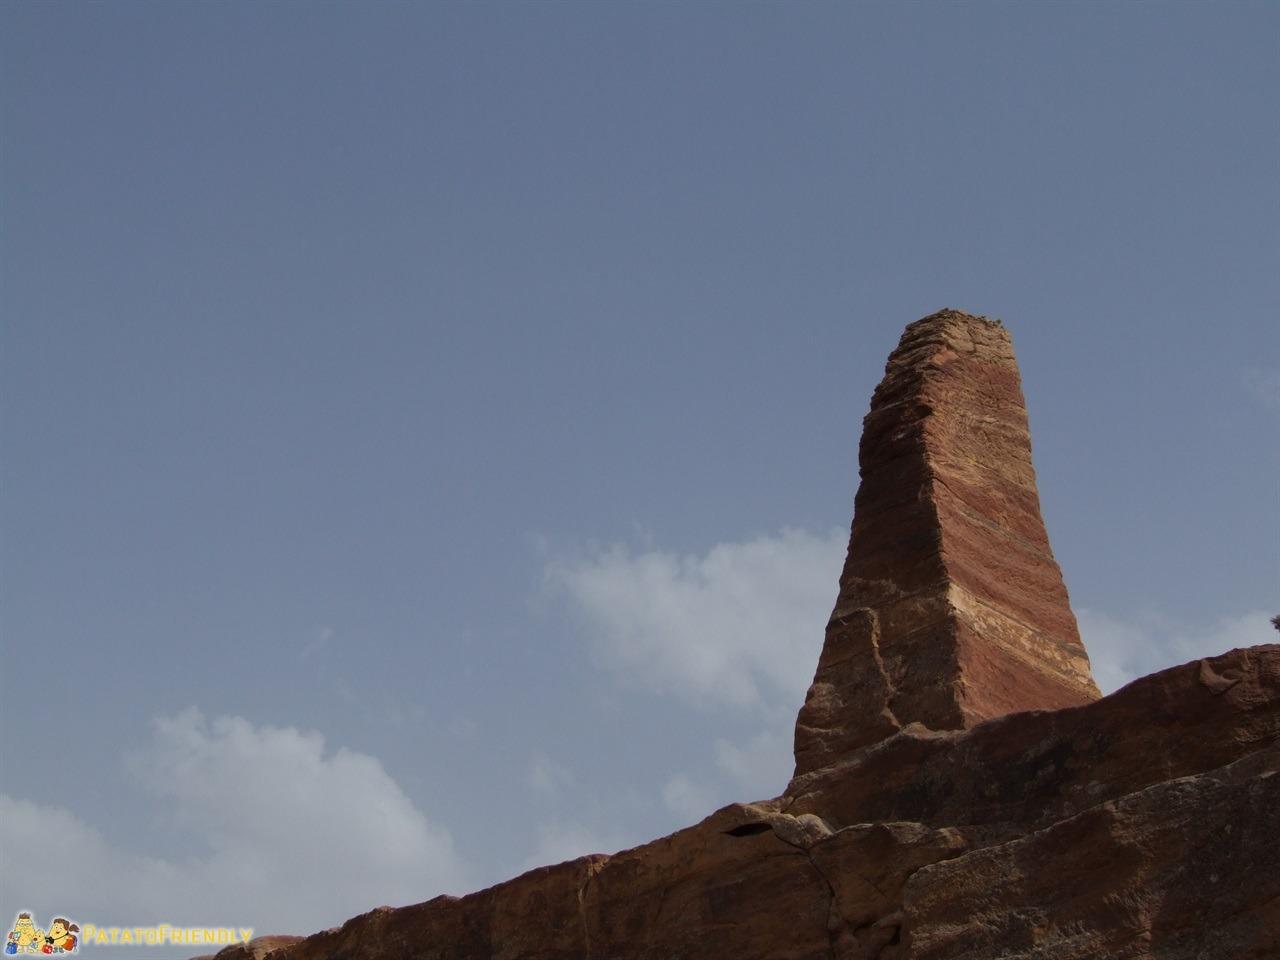 [cml_media_alt id='6757']Visitare Petra - L'obelisco sull'Altura del Sacrificio[/cml_media_alt]